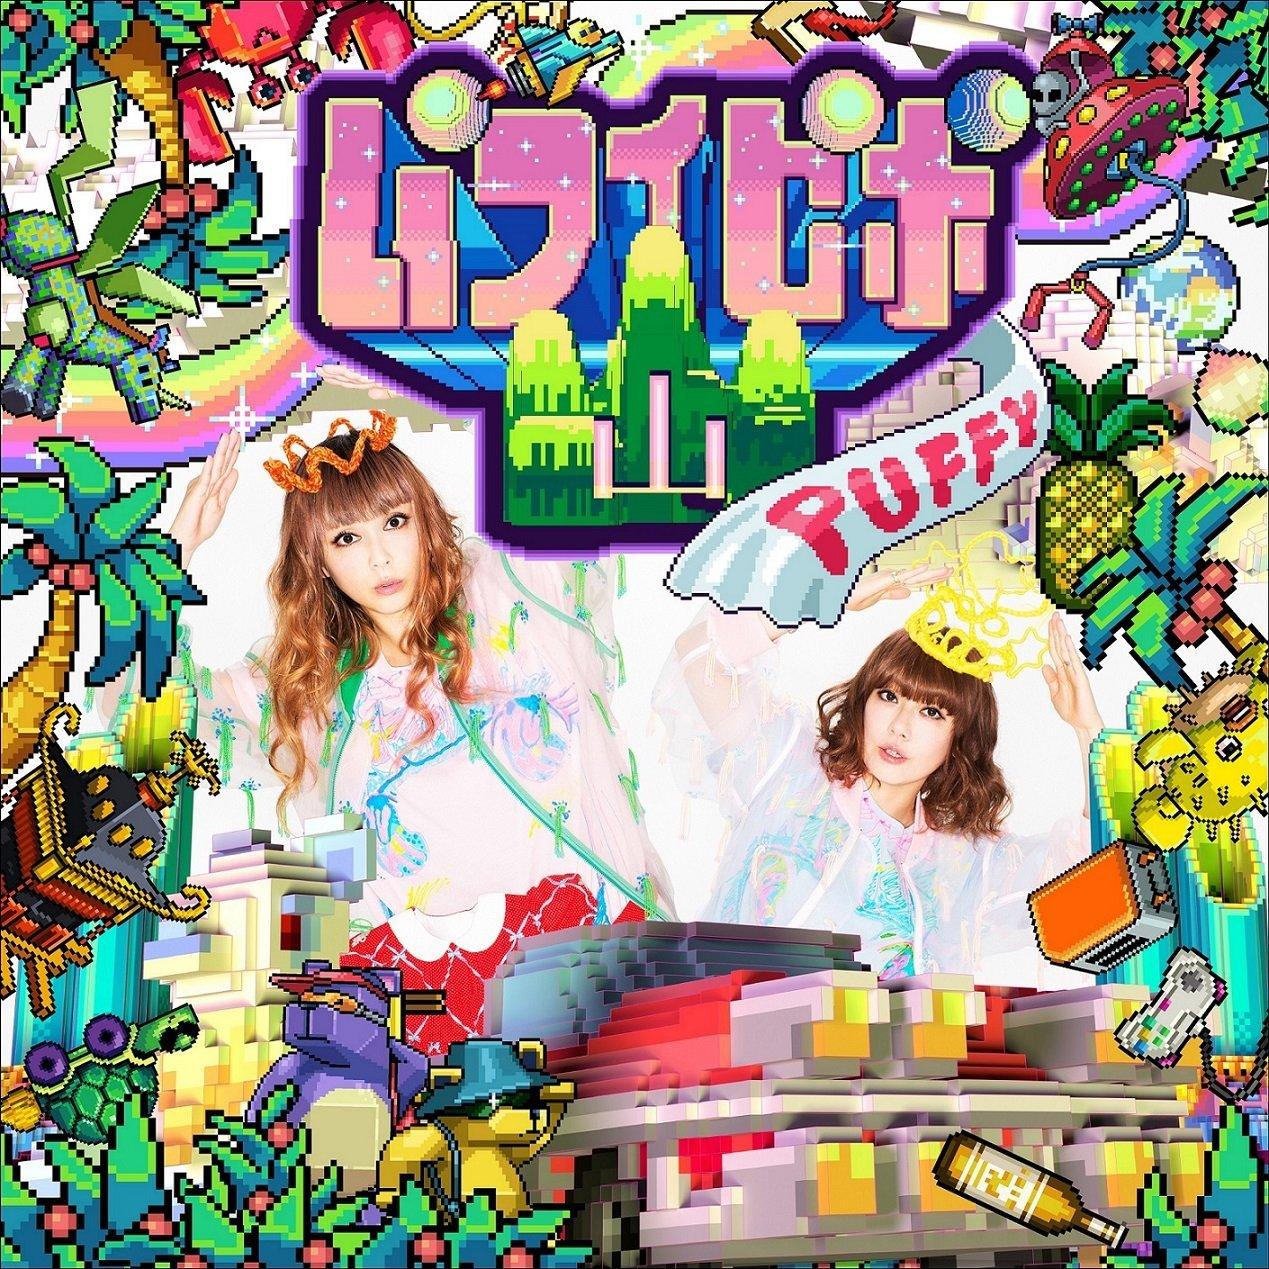 CD:WPCL-12248